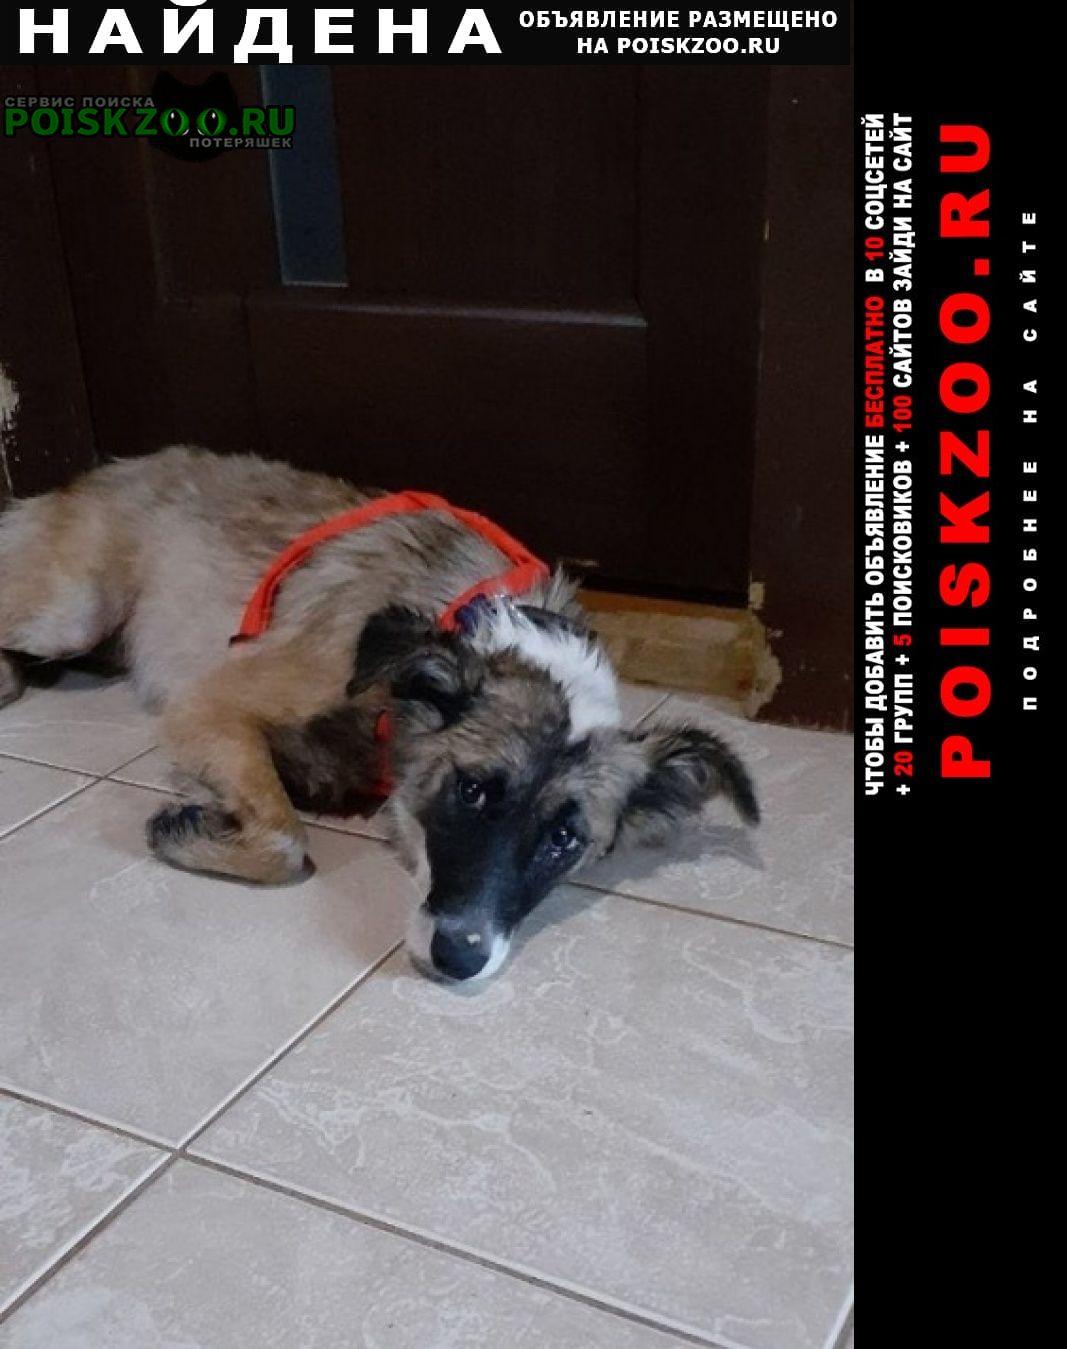 Найдена собака на съезде с новорижского шоссе Москва